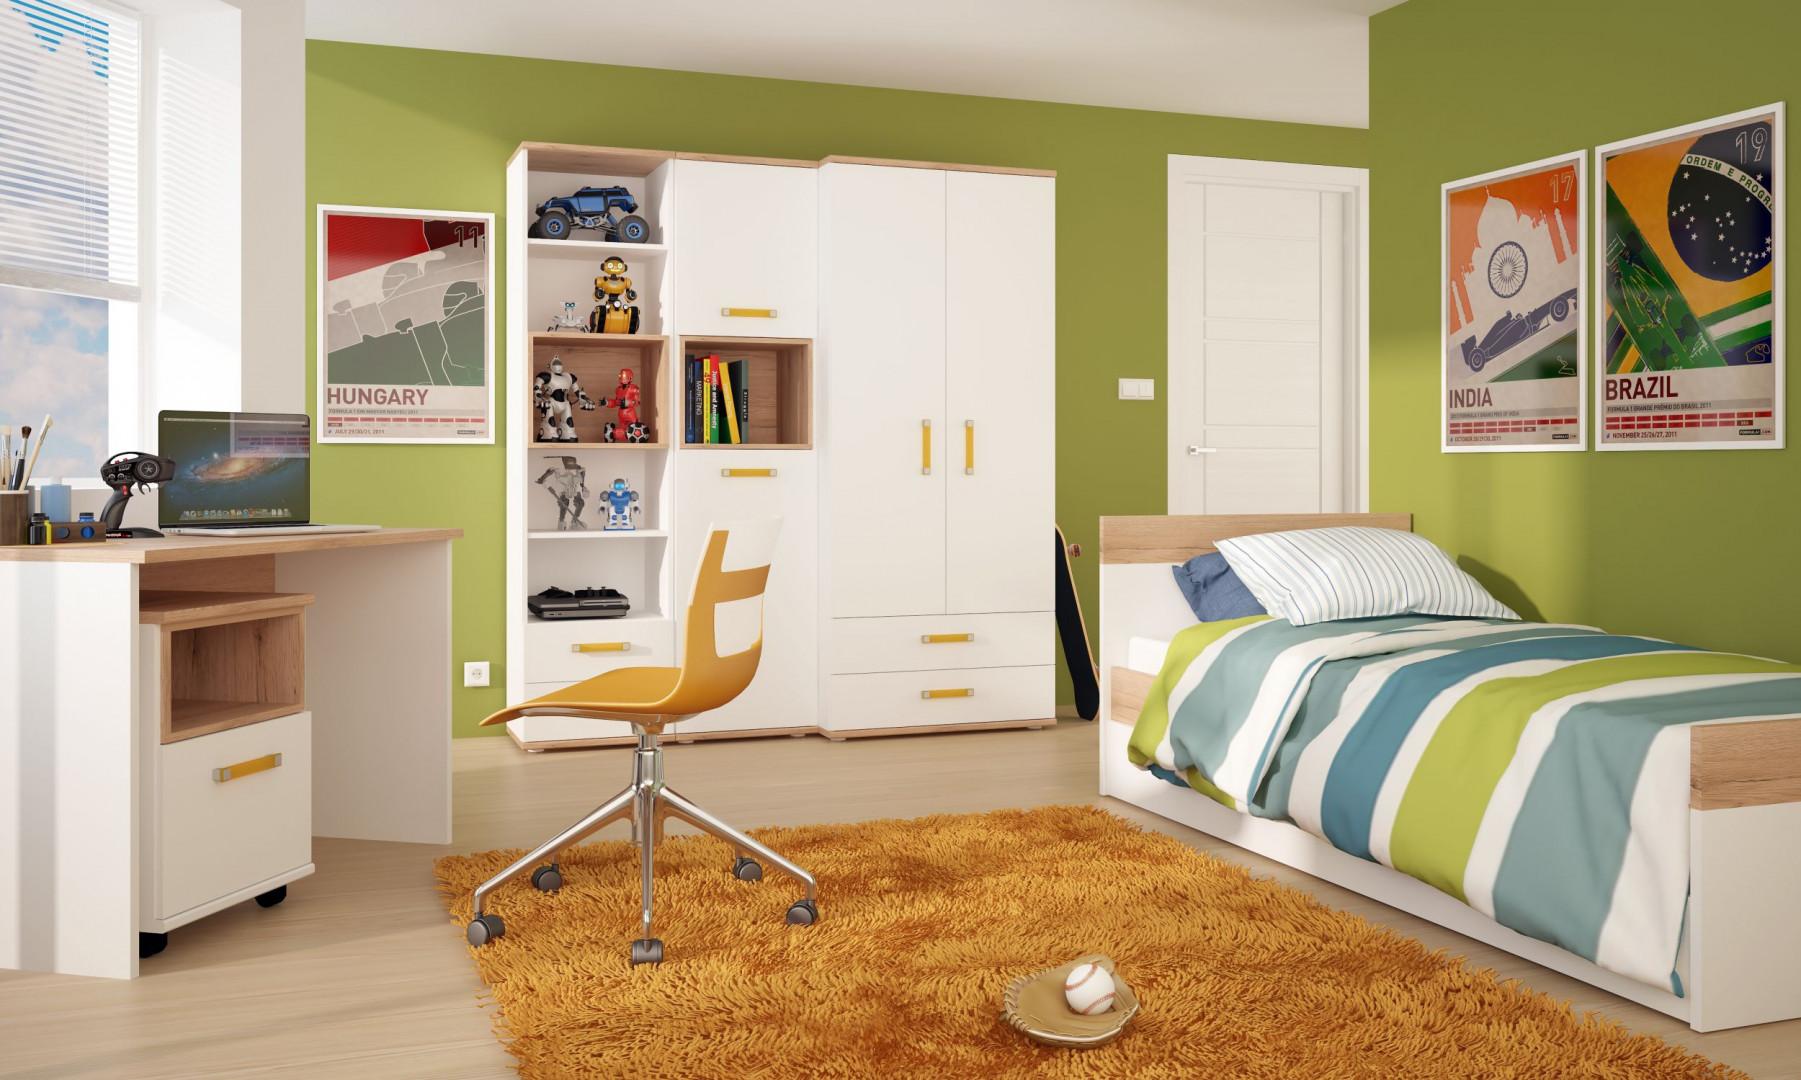 Pojemna szafa to praktyczny mebel w pokoju dziecka. Na zdjęciu - kolekcja Amazon. Fot. Meble Wójcik